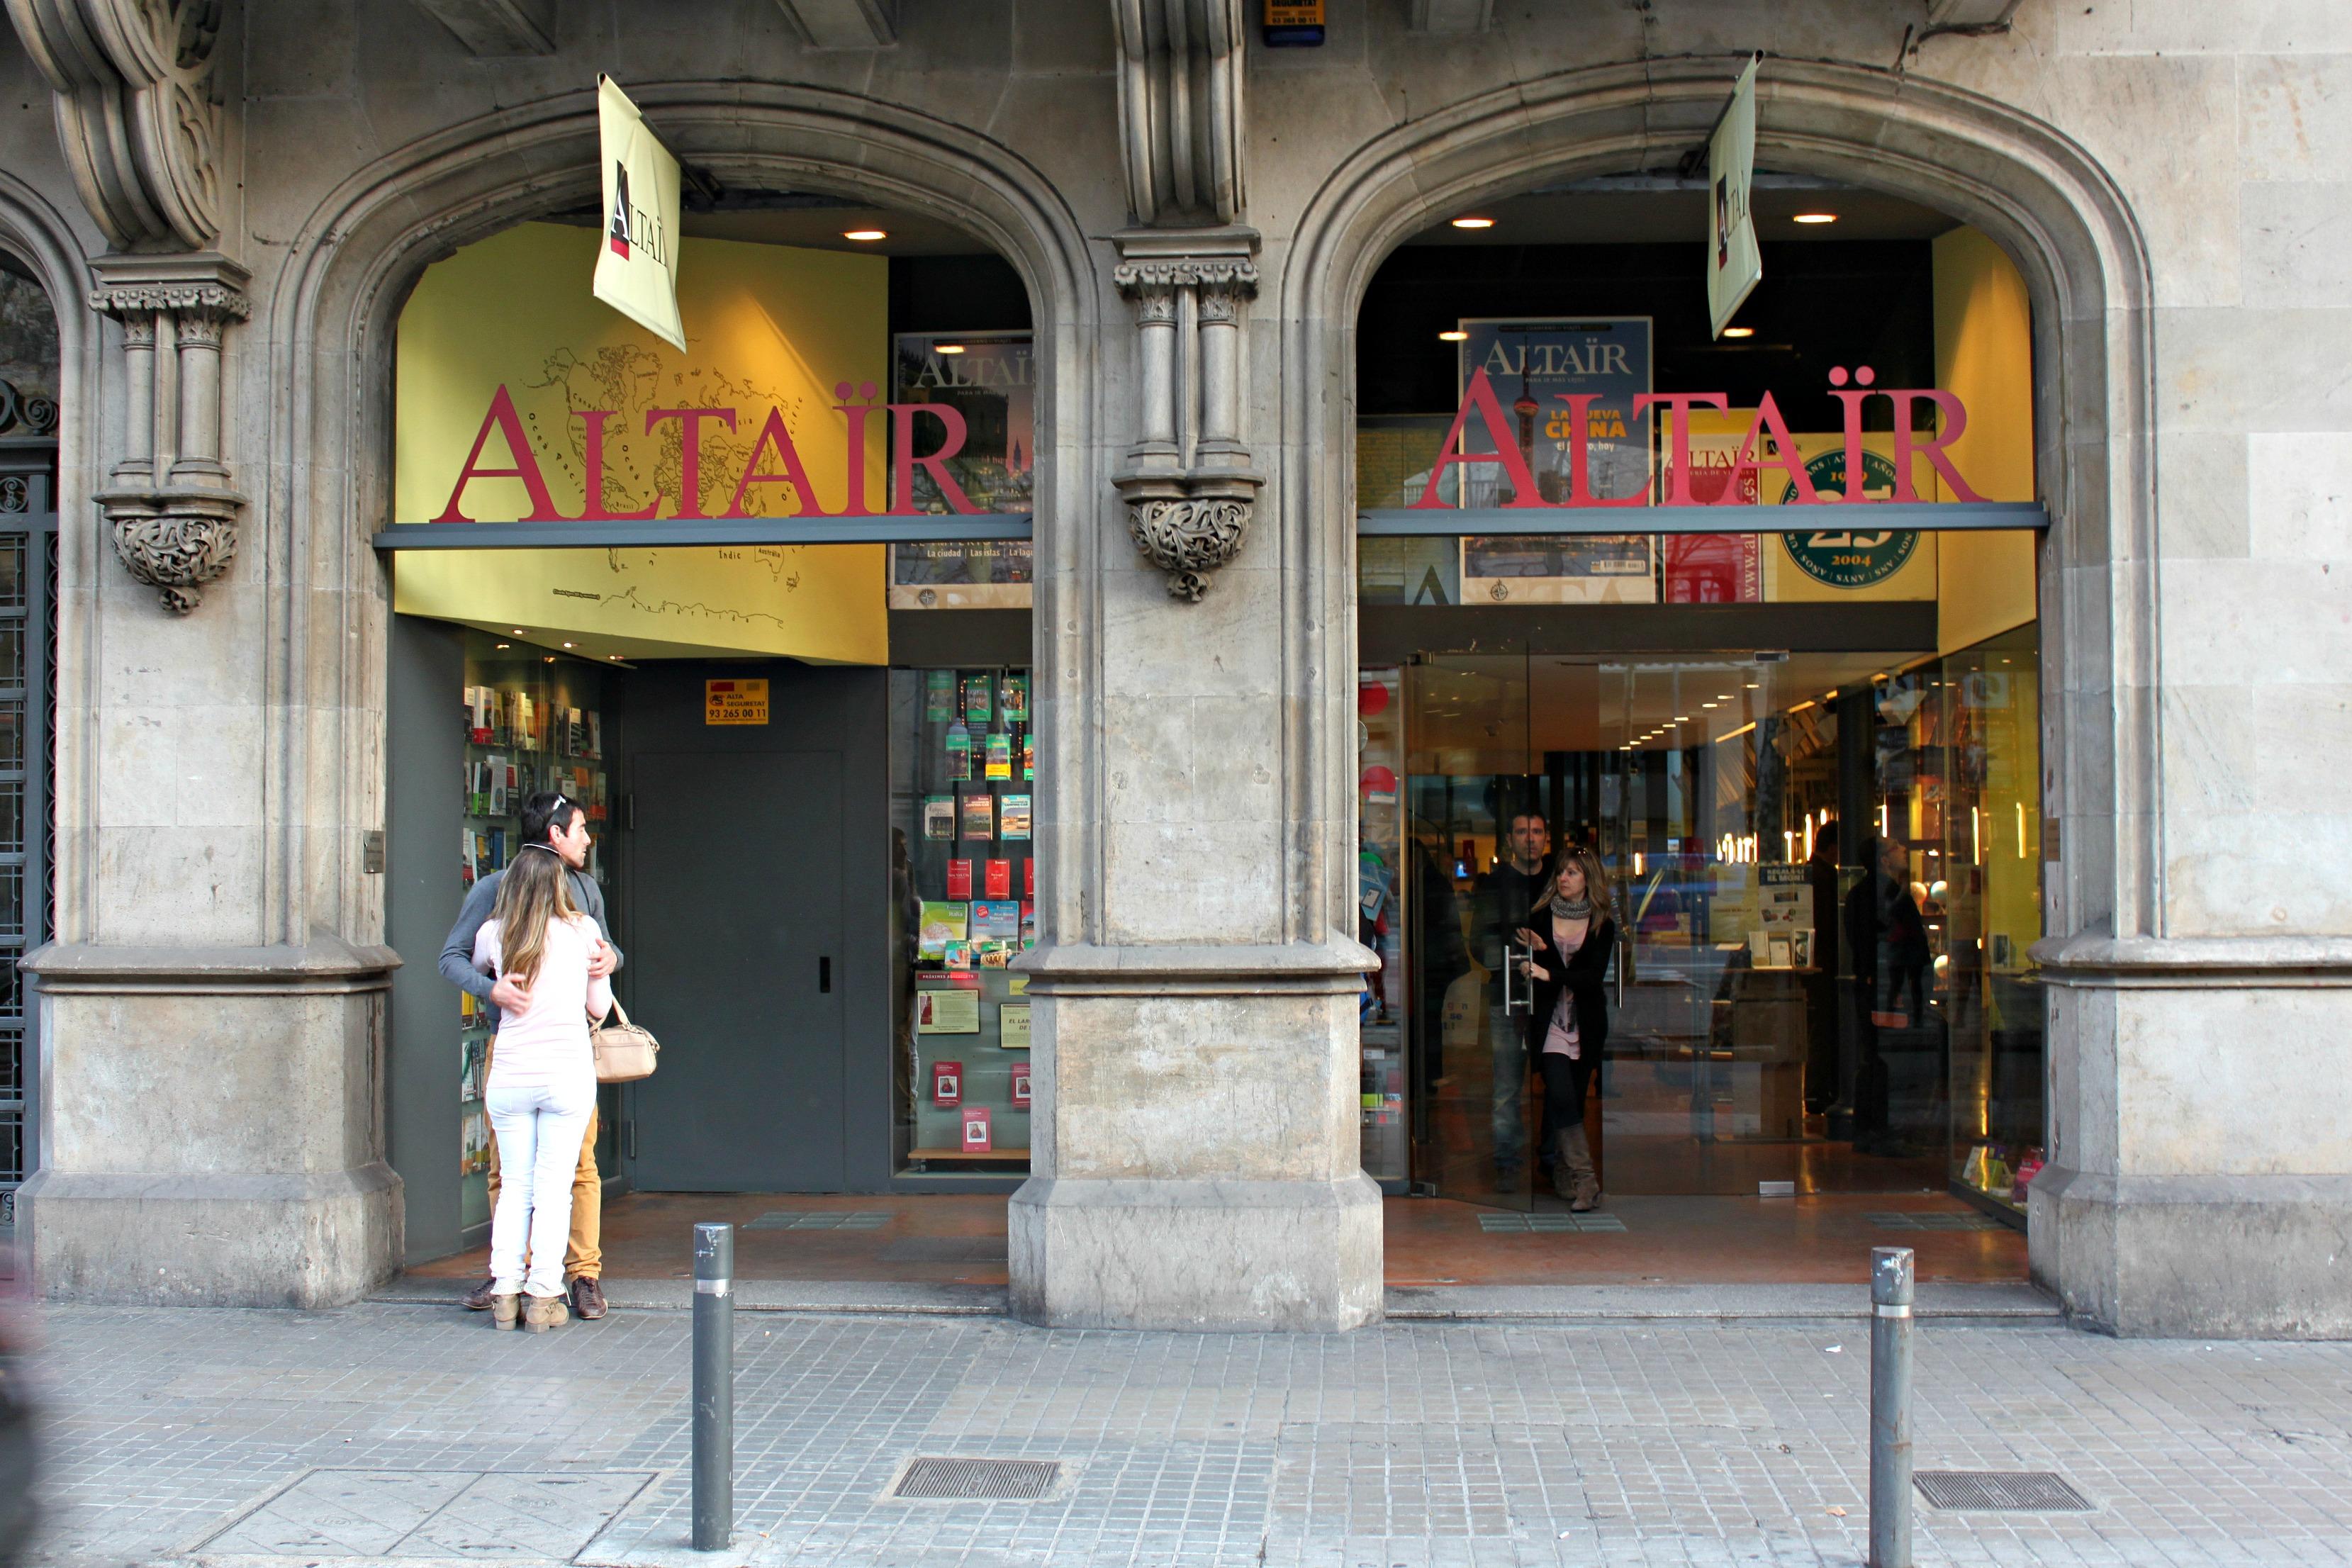 Barcelona y su librer a de viajes alta r reportaje viaje con escalas - Libreria marcial pons barcelona ...